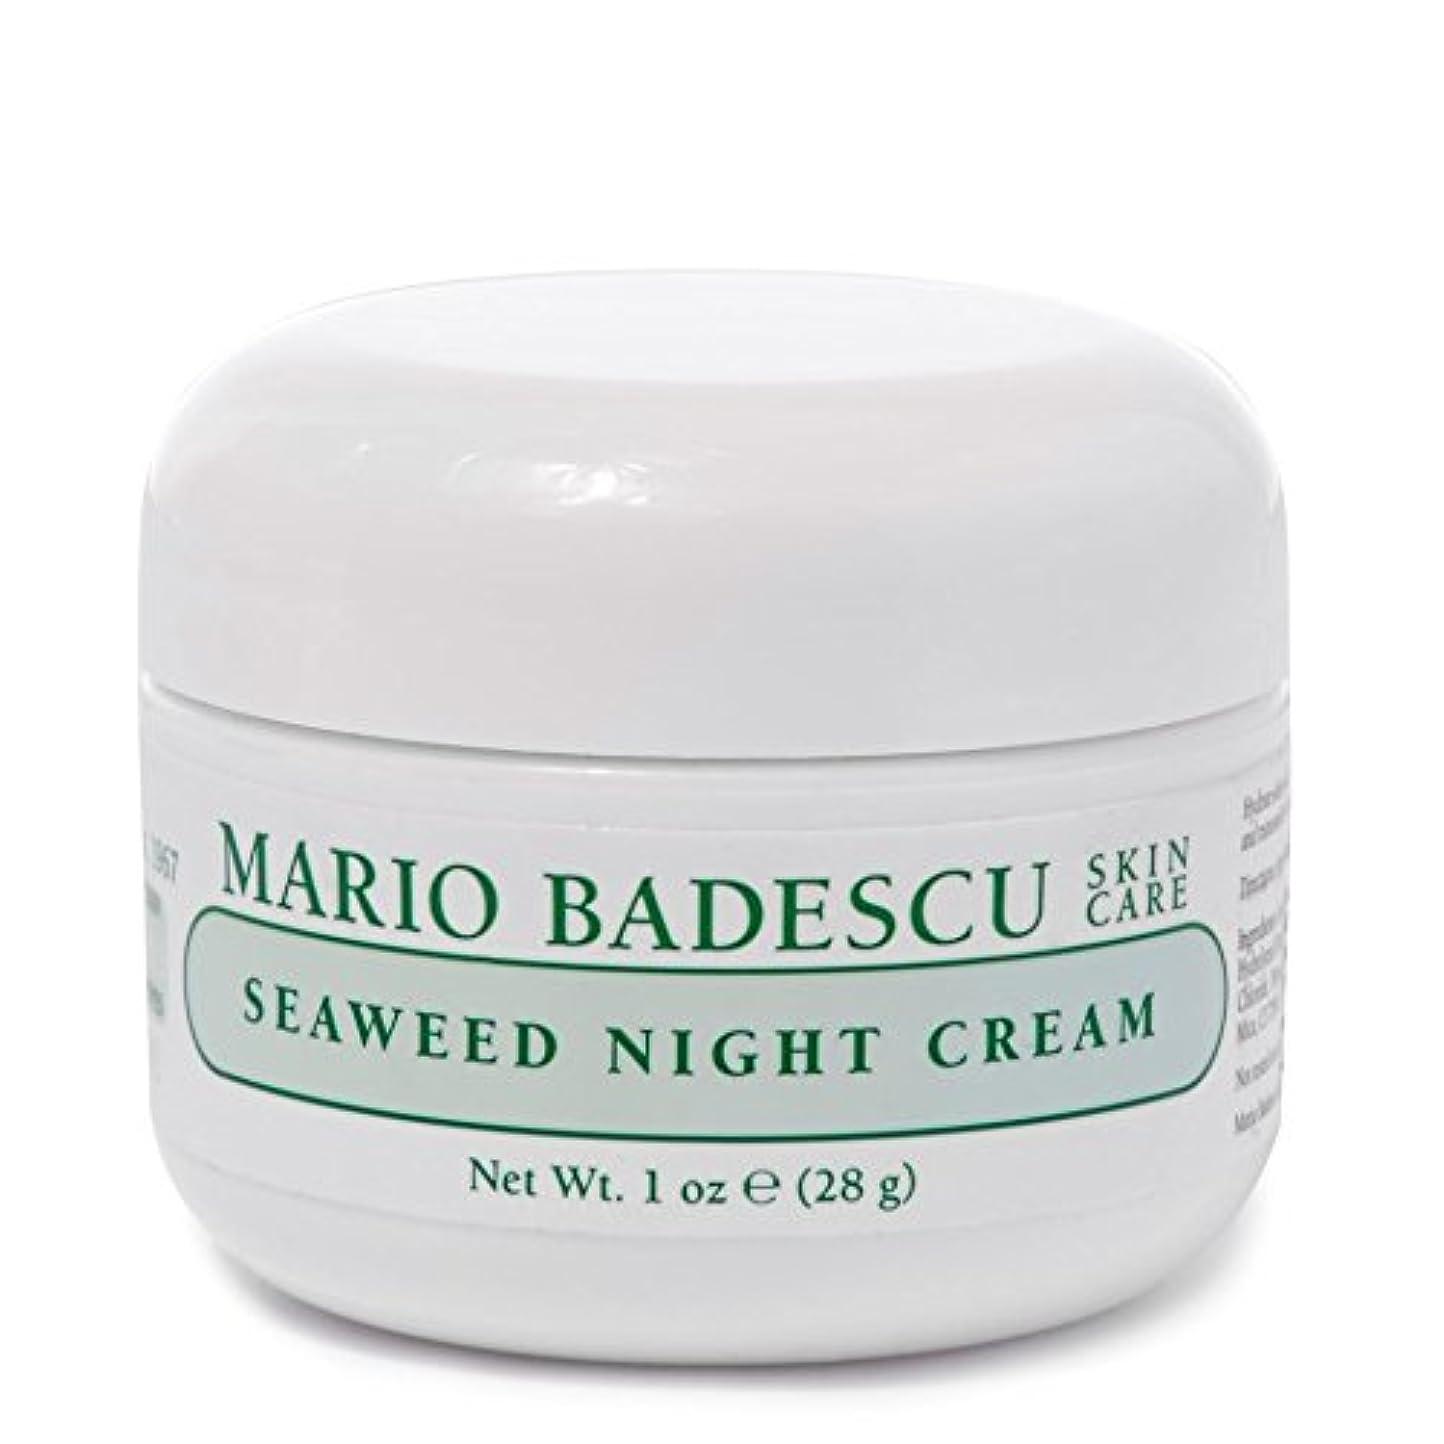 疑問に思う繰り返した好意的Mario Badescu Seaweed Night Cream 28g - マリオ海藻ナイトクリーム28グラム [並行輸入品]